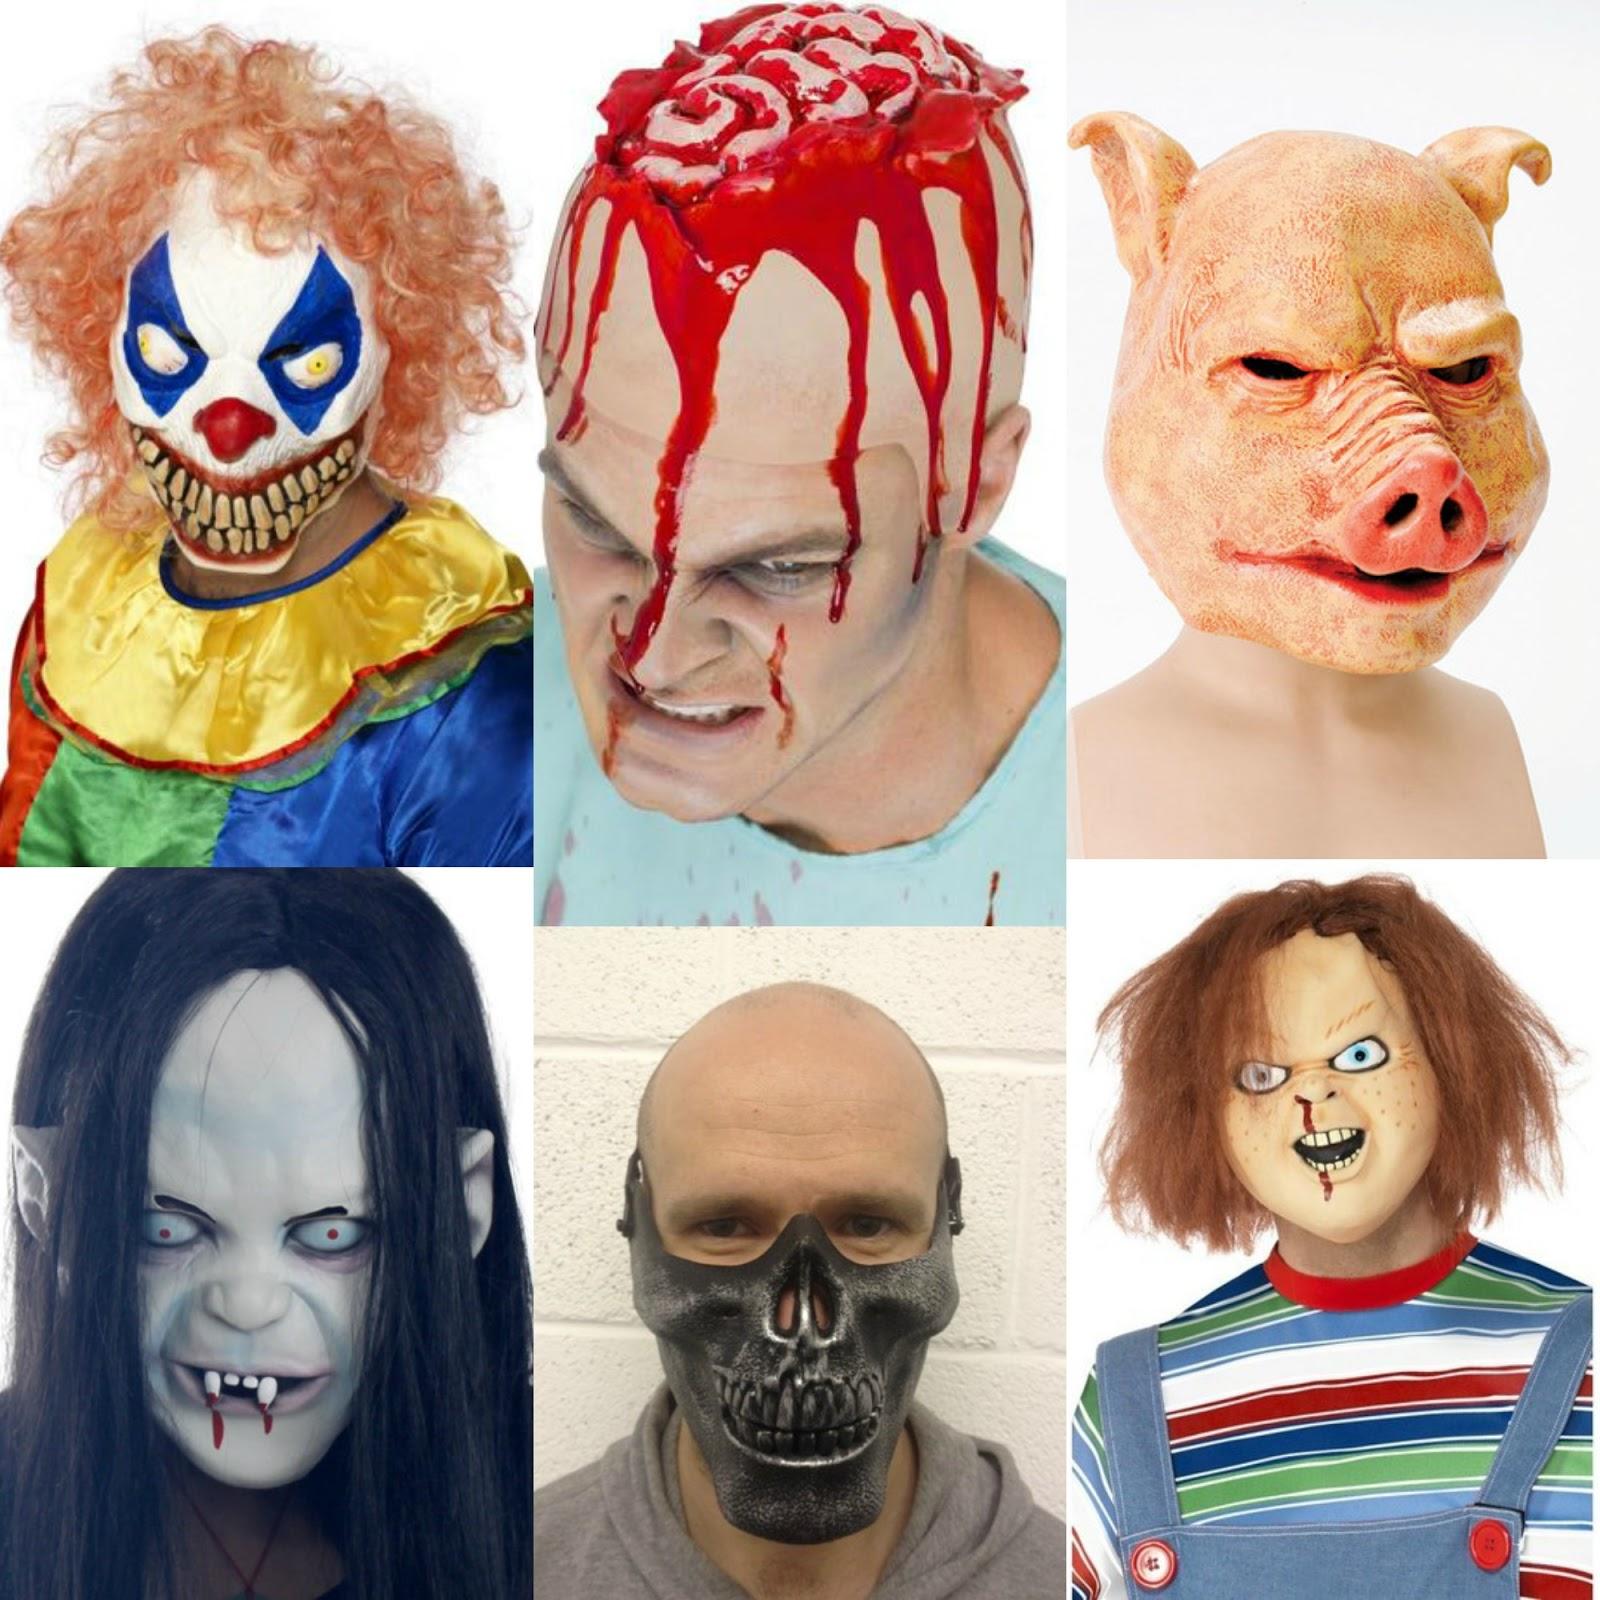 Cheap Halloween Decor: Makeup And Beauty Blog